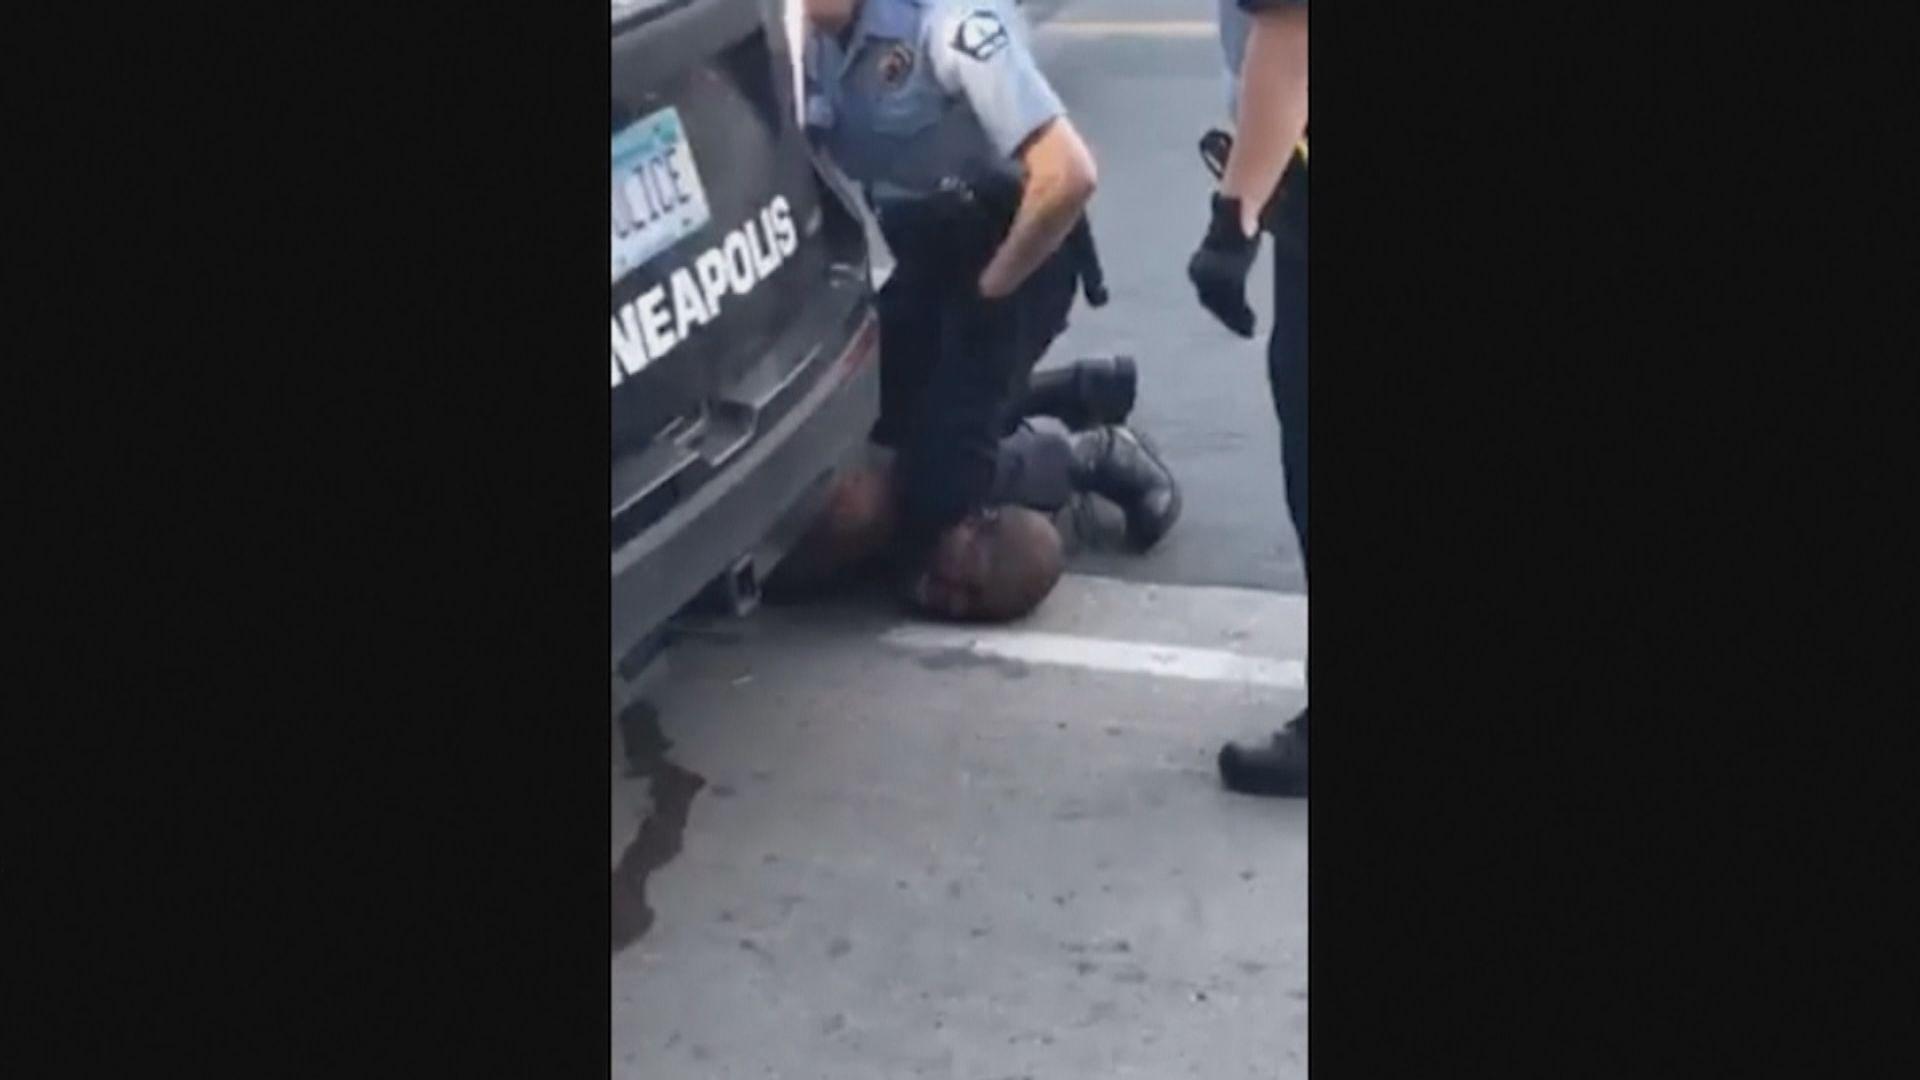 弗洛伊德案 目擊者指警員不理民眾停止壓頸呼籲